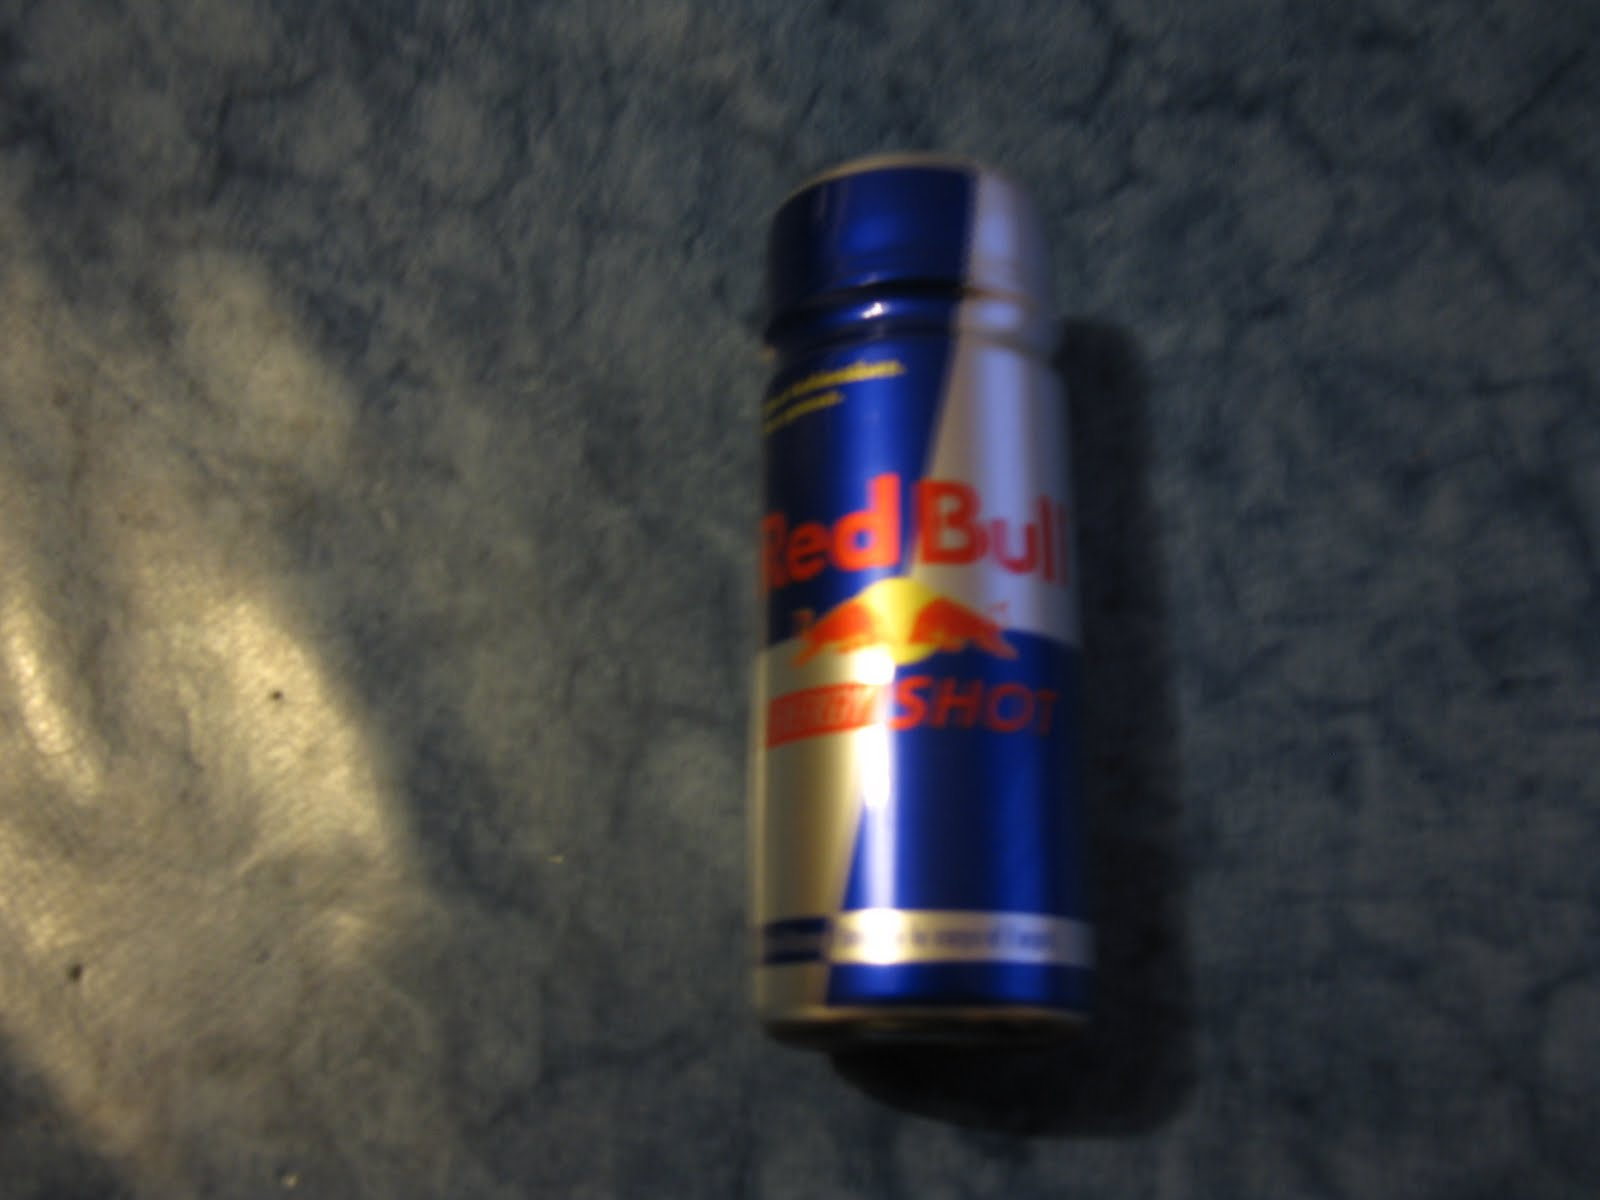 Red Bull Kühlschrank Rund Kaufen : Kühlschrank rund red bull gebraucht redbull mini kühlschrank in